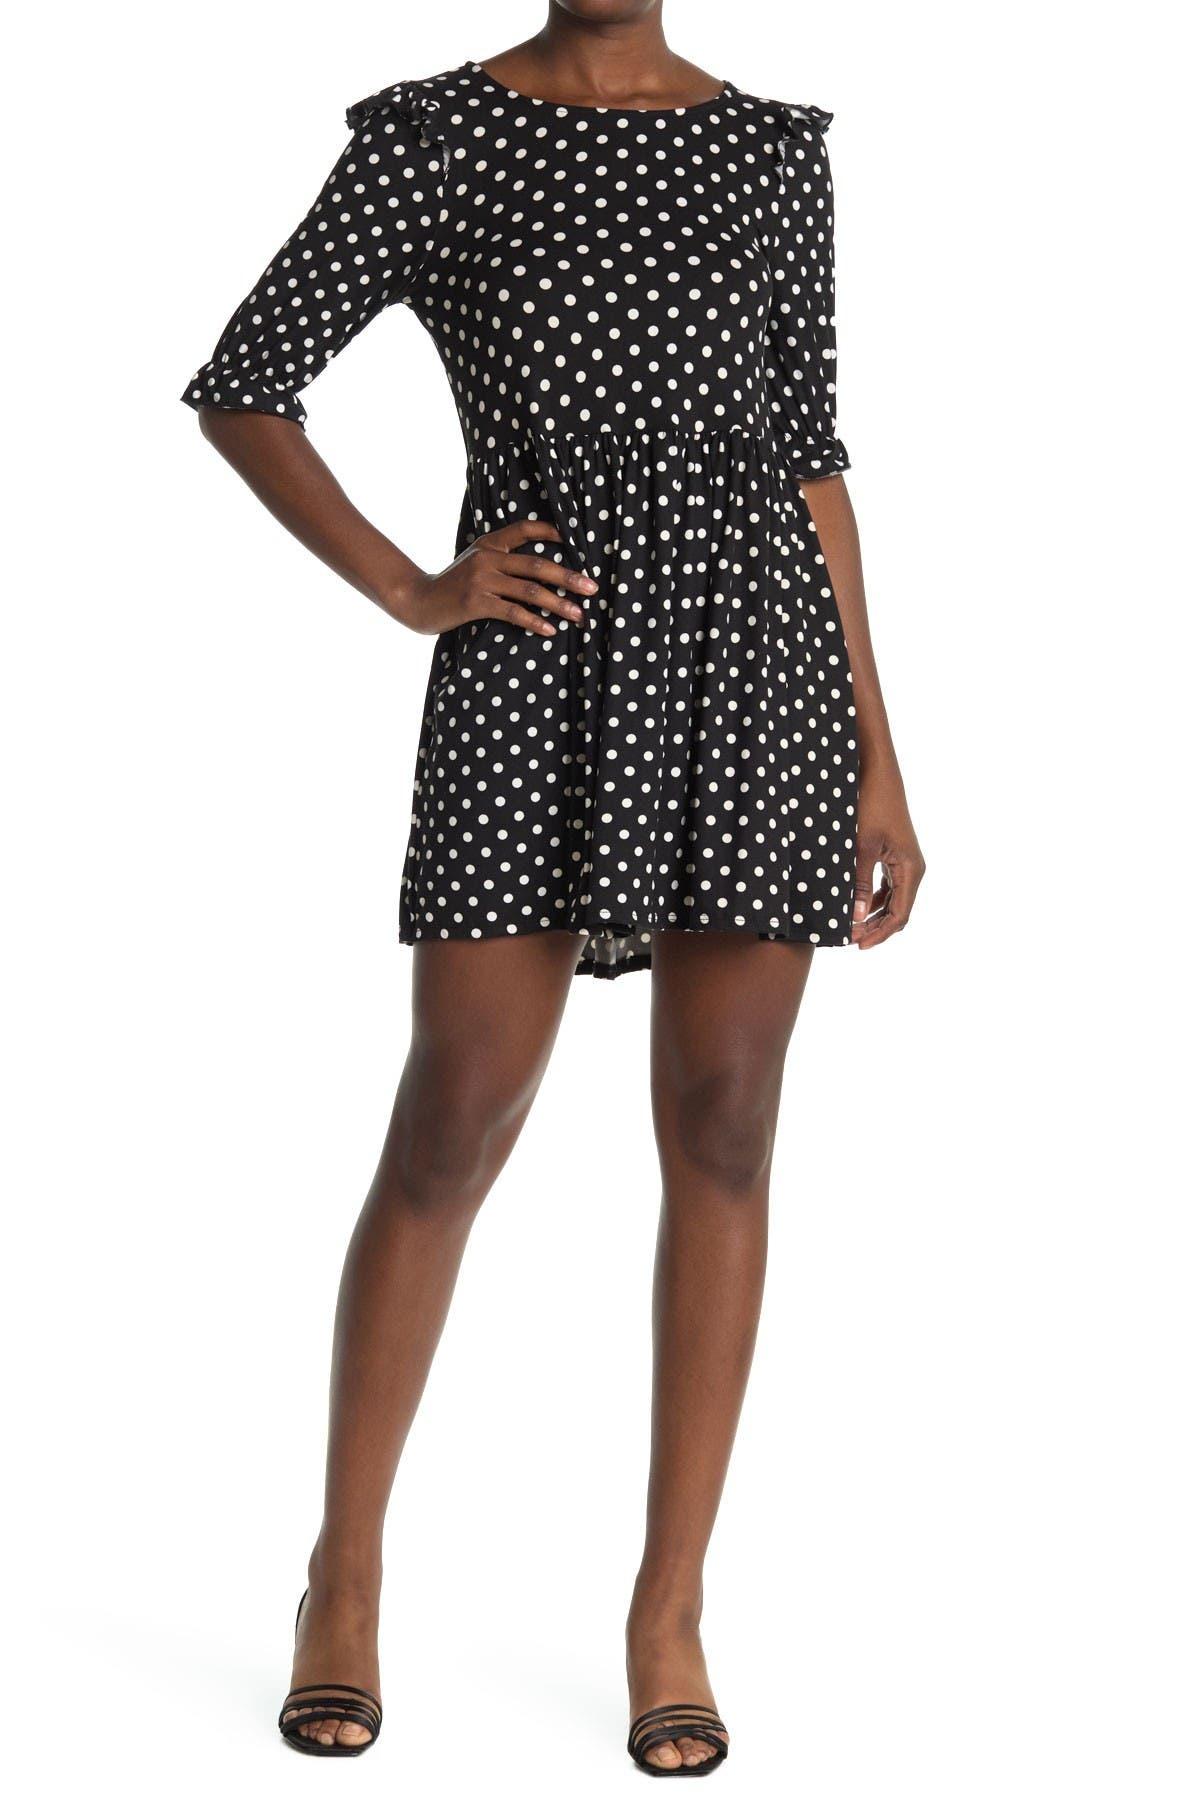 Image of Velvet Torch Polka Dot Ruffle Babydoll Dress